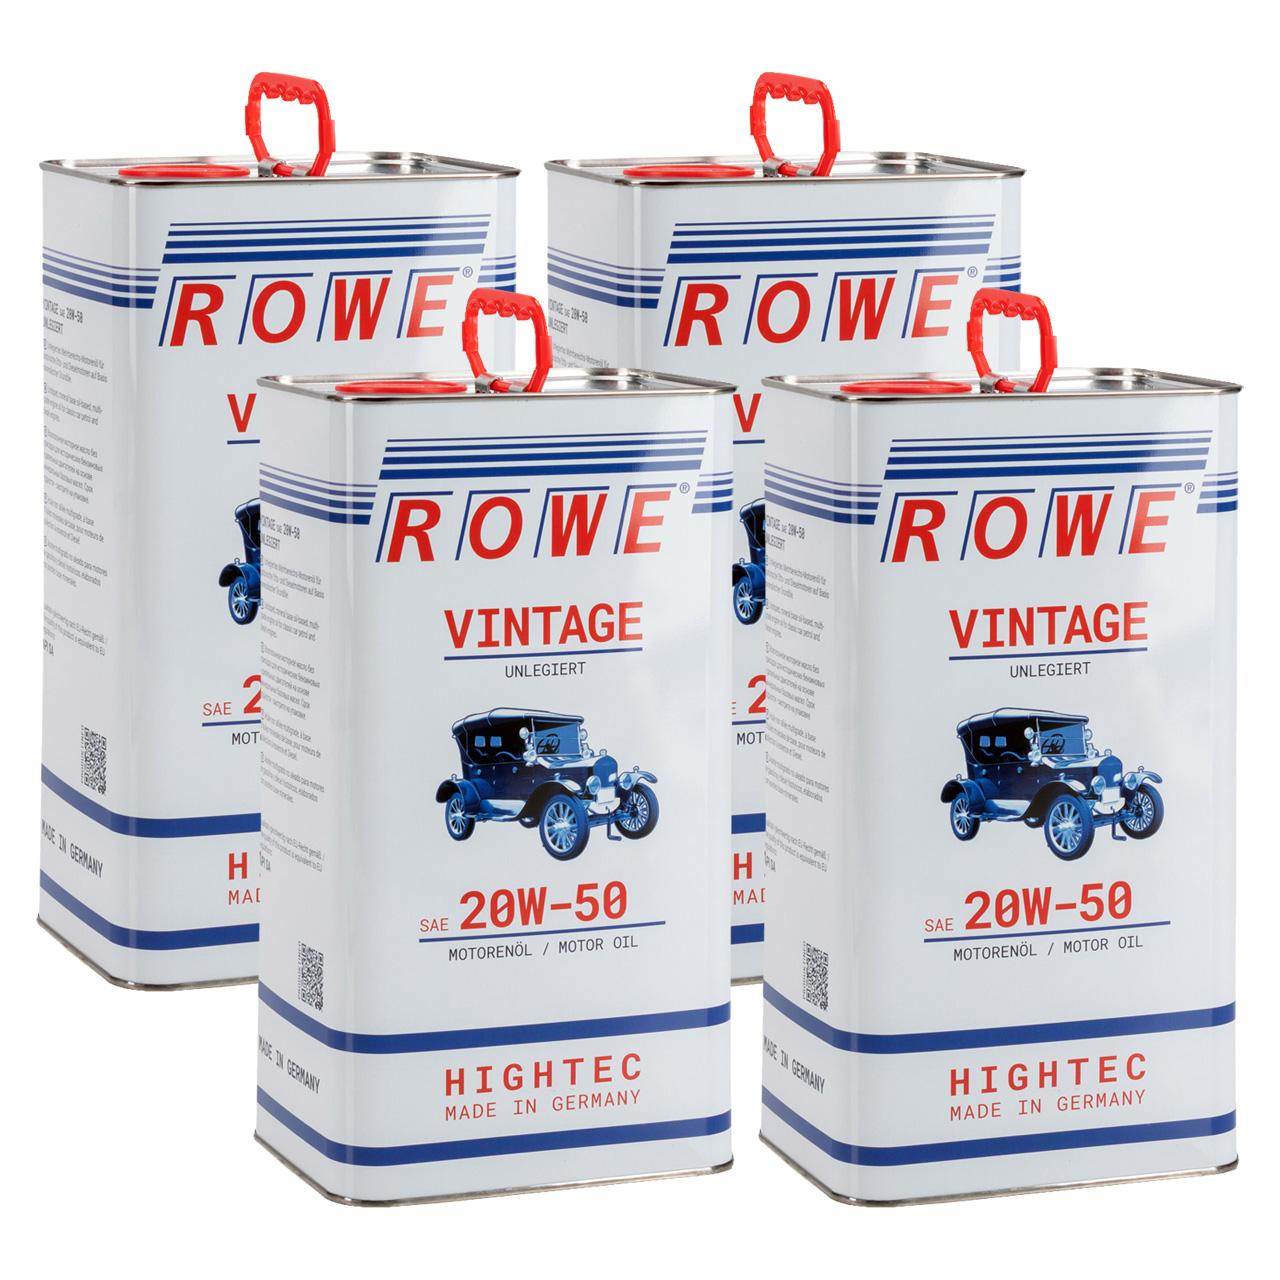 20 Liter ROWE Motoröl Öl VINTAGE Unlegiert SAE 20W50 Oldtimer Mehrbereichs-Öl